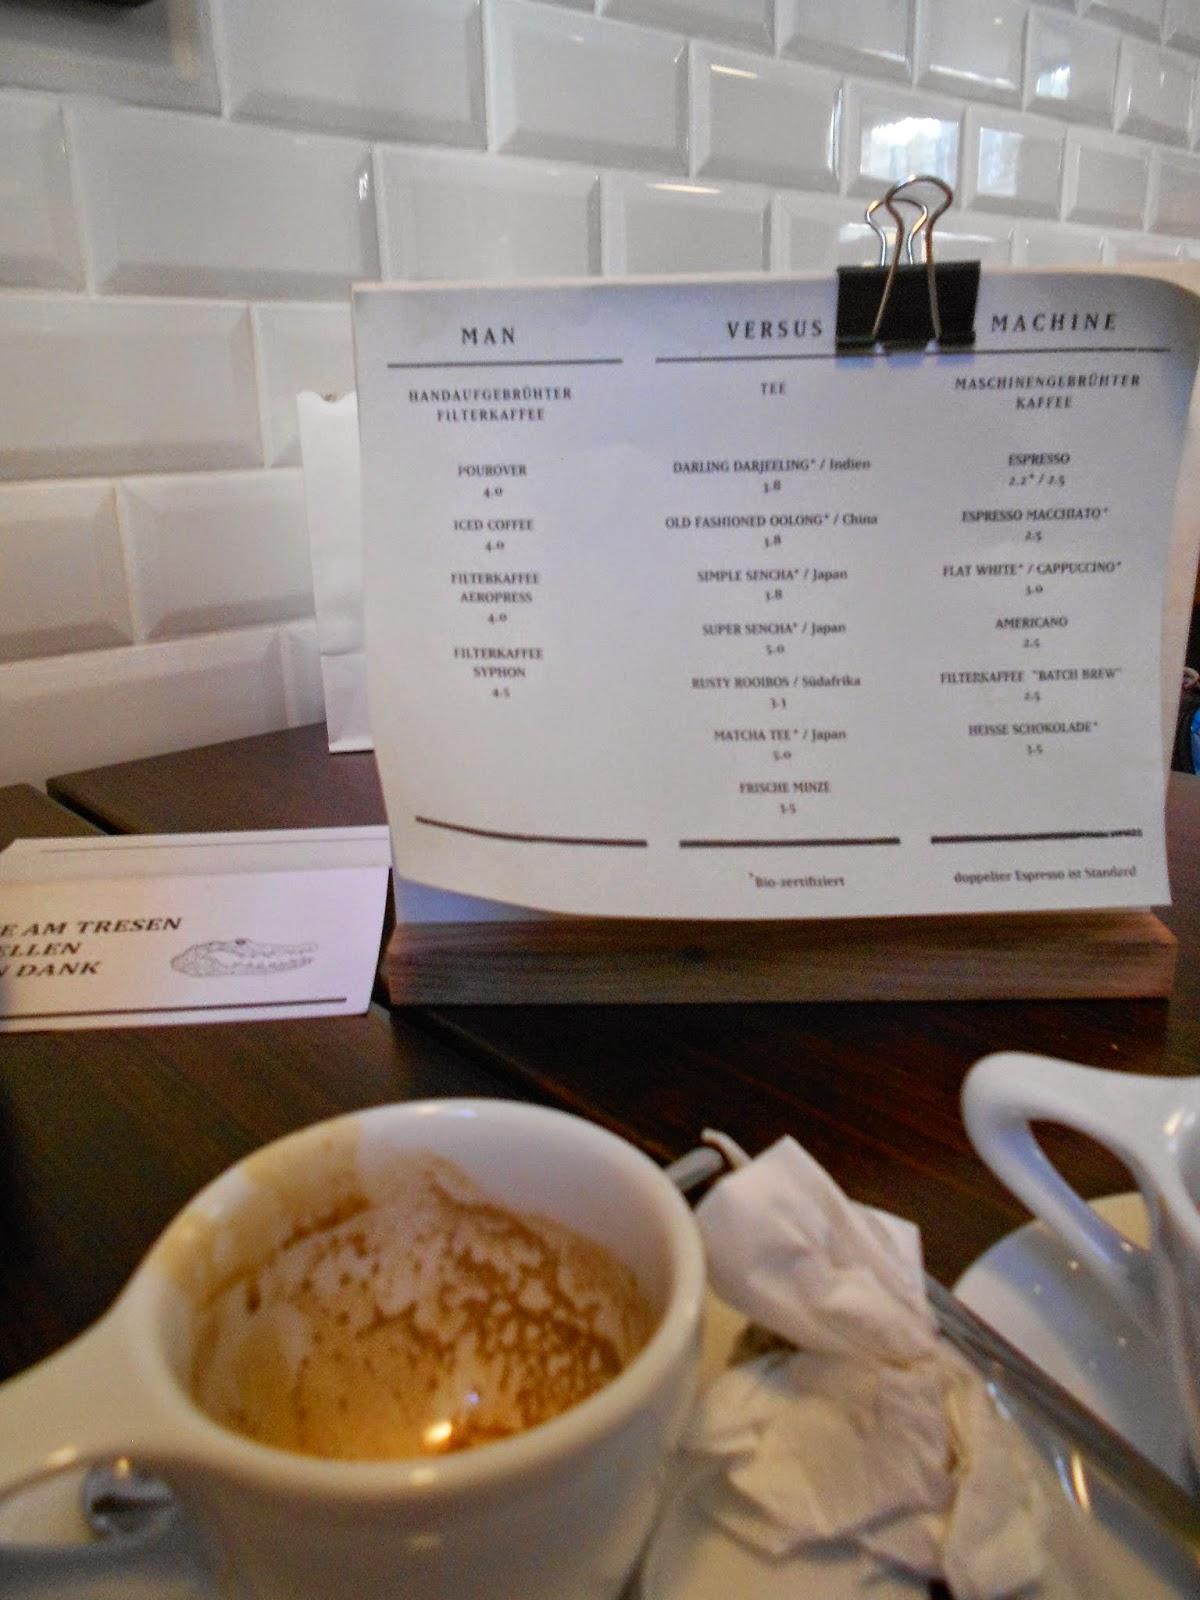 MAN VERSUS MACHINE serviert selbstgerösteten Kaffee zubereitet mit diversen Brühmethoden